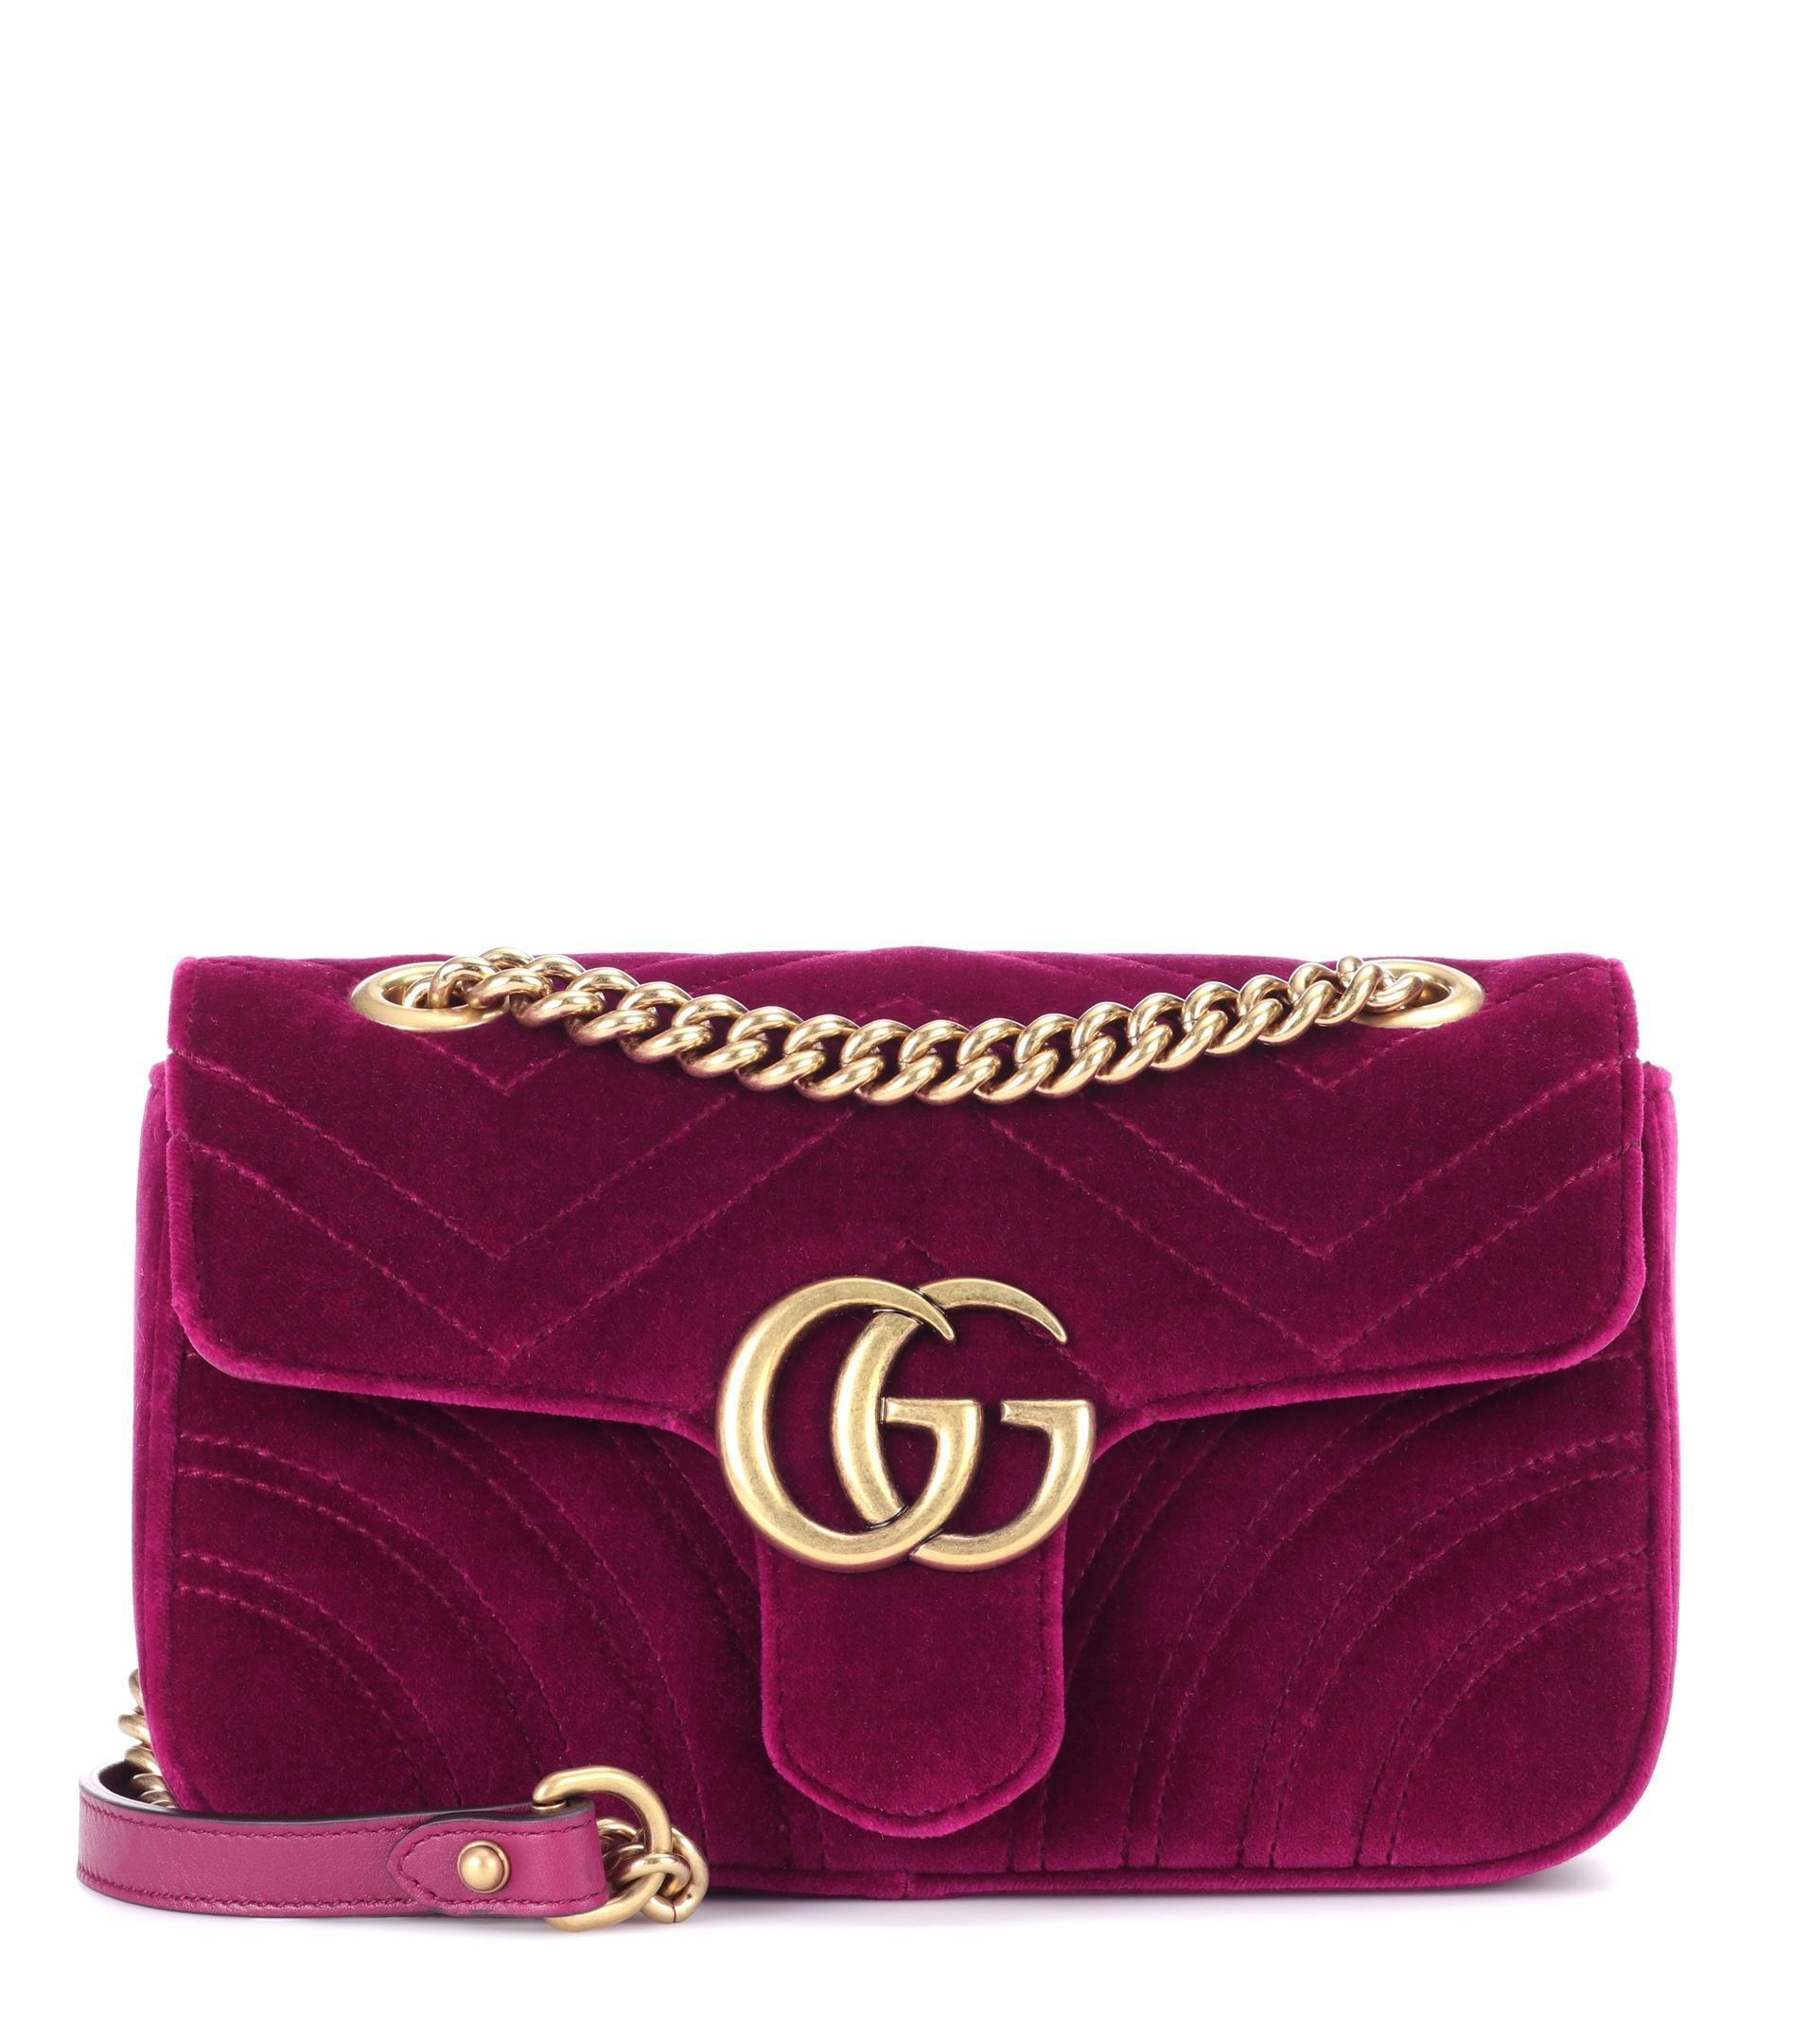 e67838f2e649 Gucci Purple Velvet Marmont Bag | Stanford Center for Opportunity ...